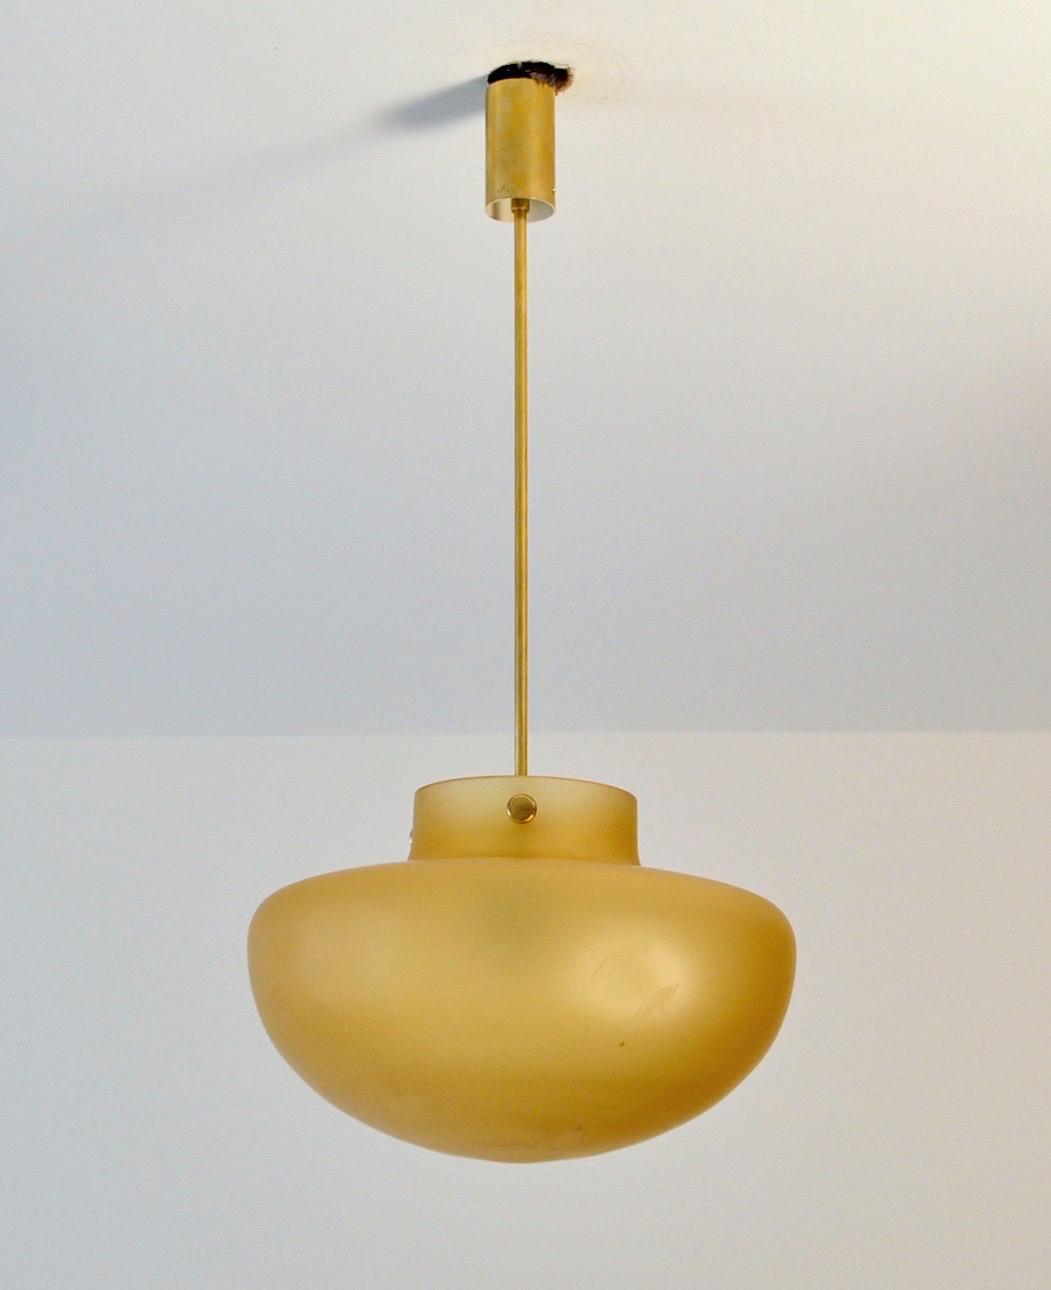 Studio Venini Pendant, Murano Italy 1950s Image